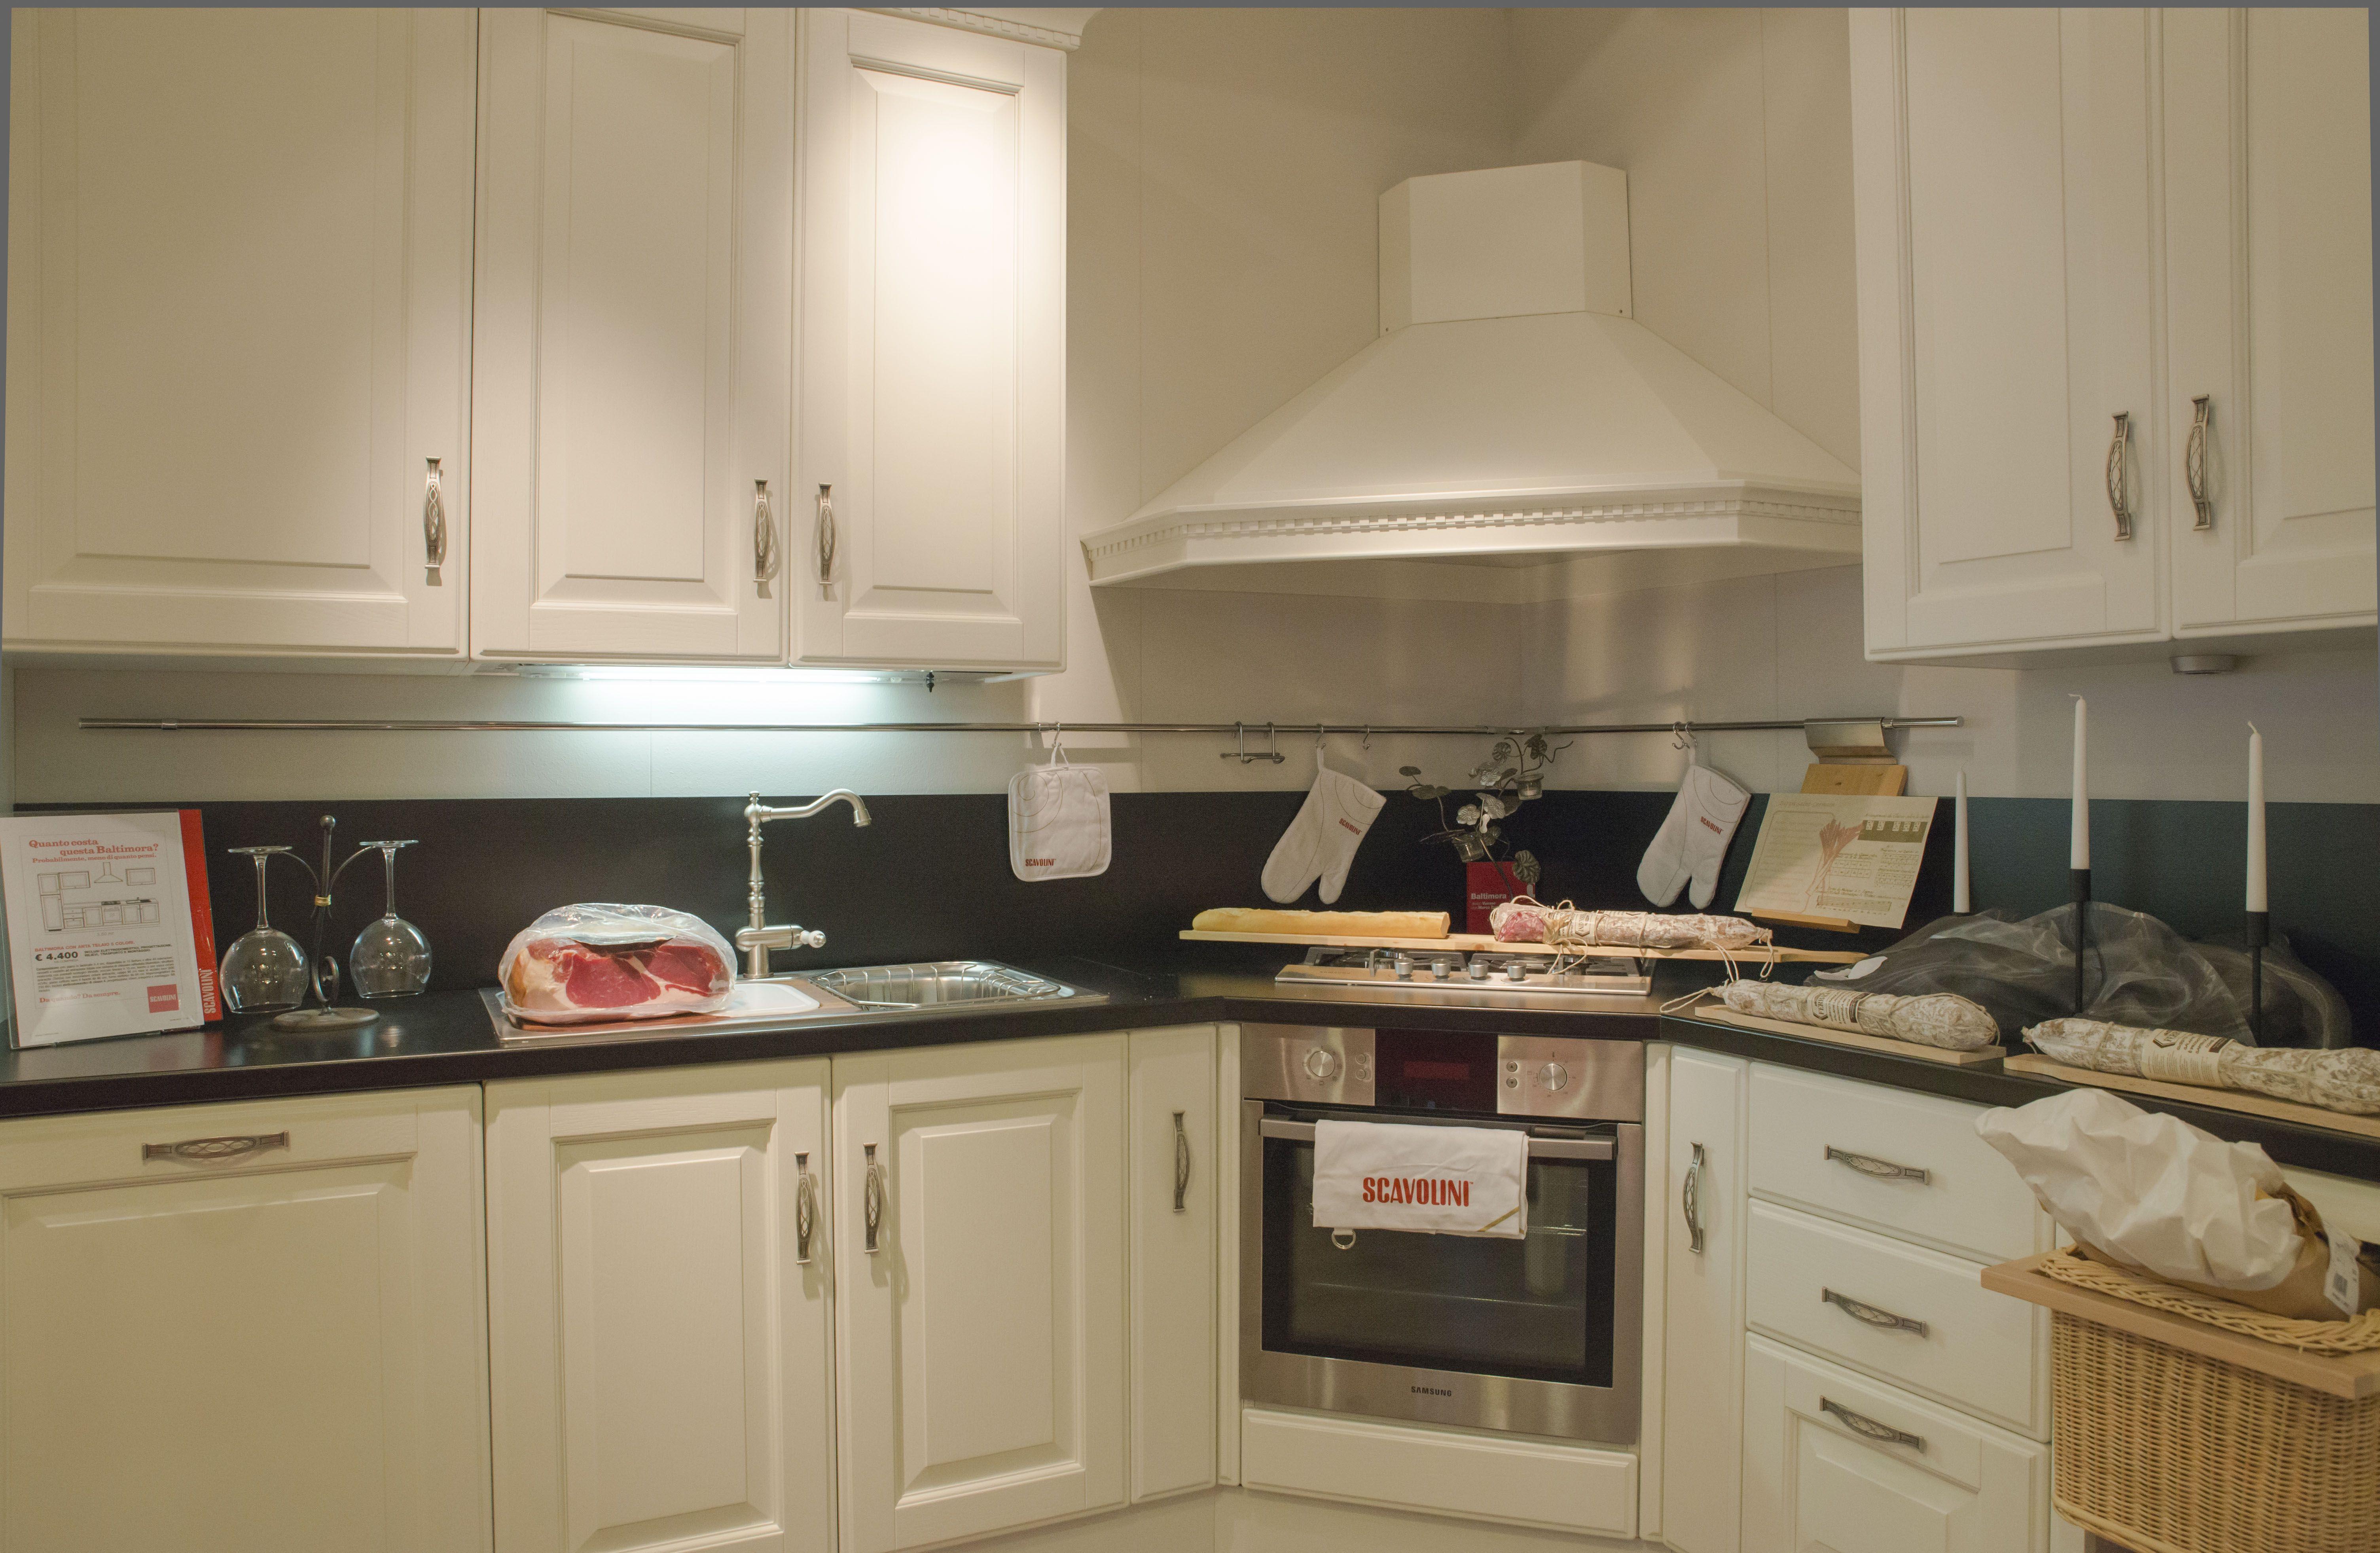 Cucine classiche scavolini composizione ad angolo cucine pinterest cucine - Cucine scavolini classiche ...